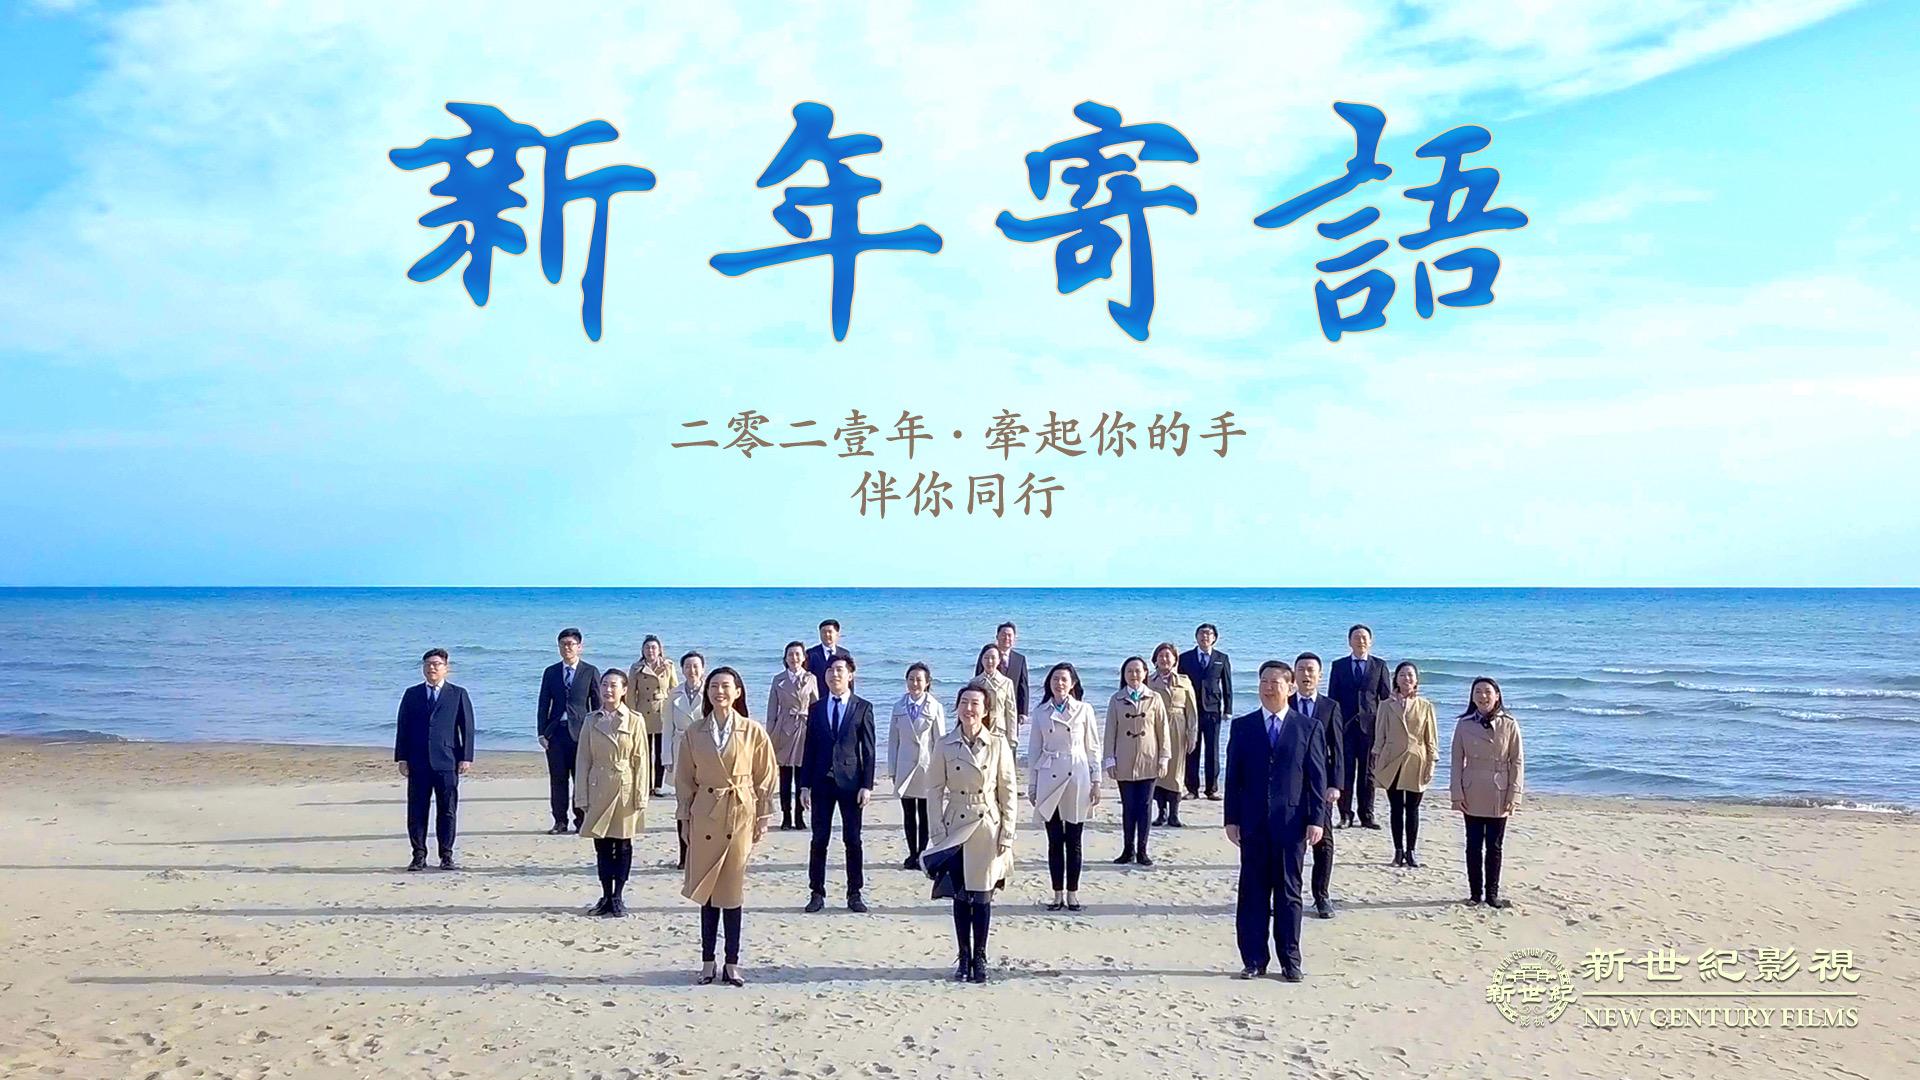 2021年在中國傳統佳節正月十五元宵節來臨之際,《百裡挑一》劇組全體工作人員獻上節日影片。(新世紀影視)